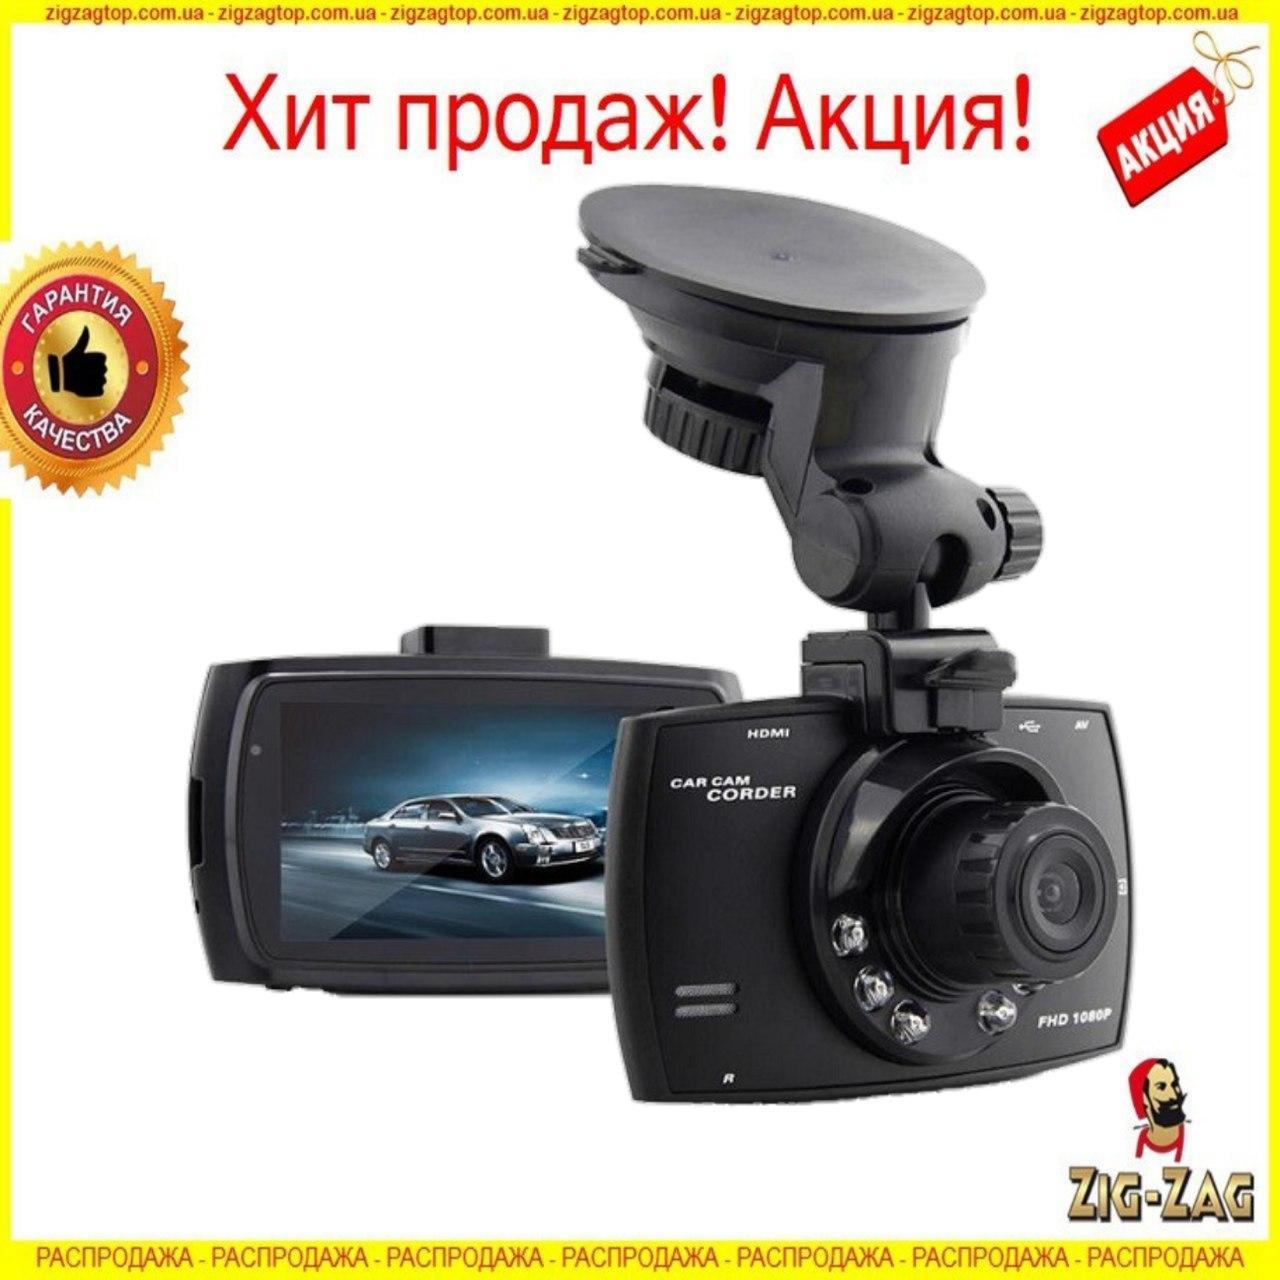 Відеореєстратор BlackBOX DVR G30 якість 1080 Відеореєстратор Full HD в Авто Реєстратор машину В Салон ТОП